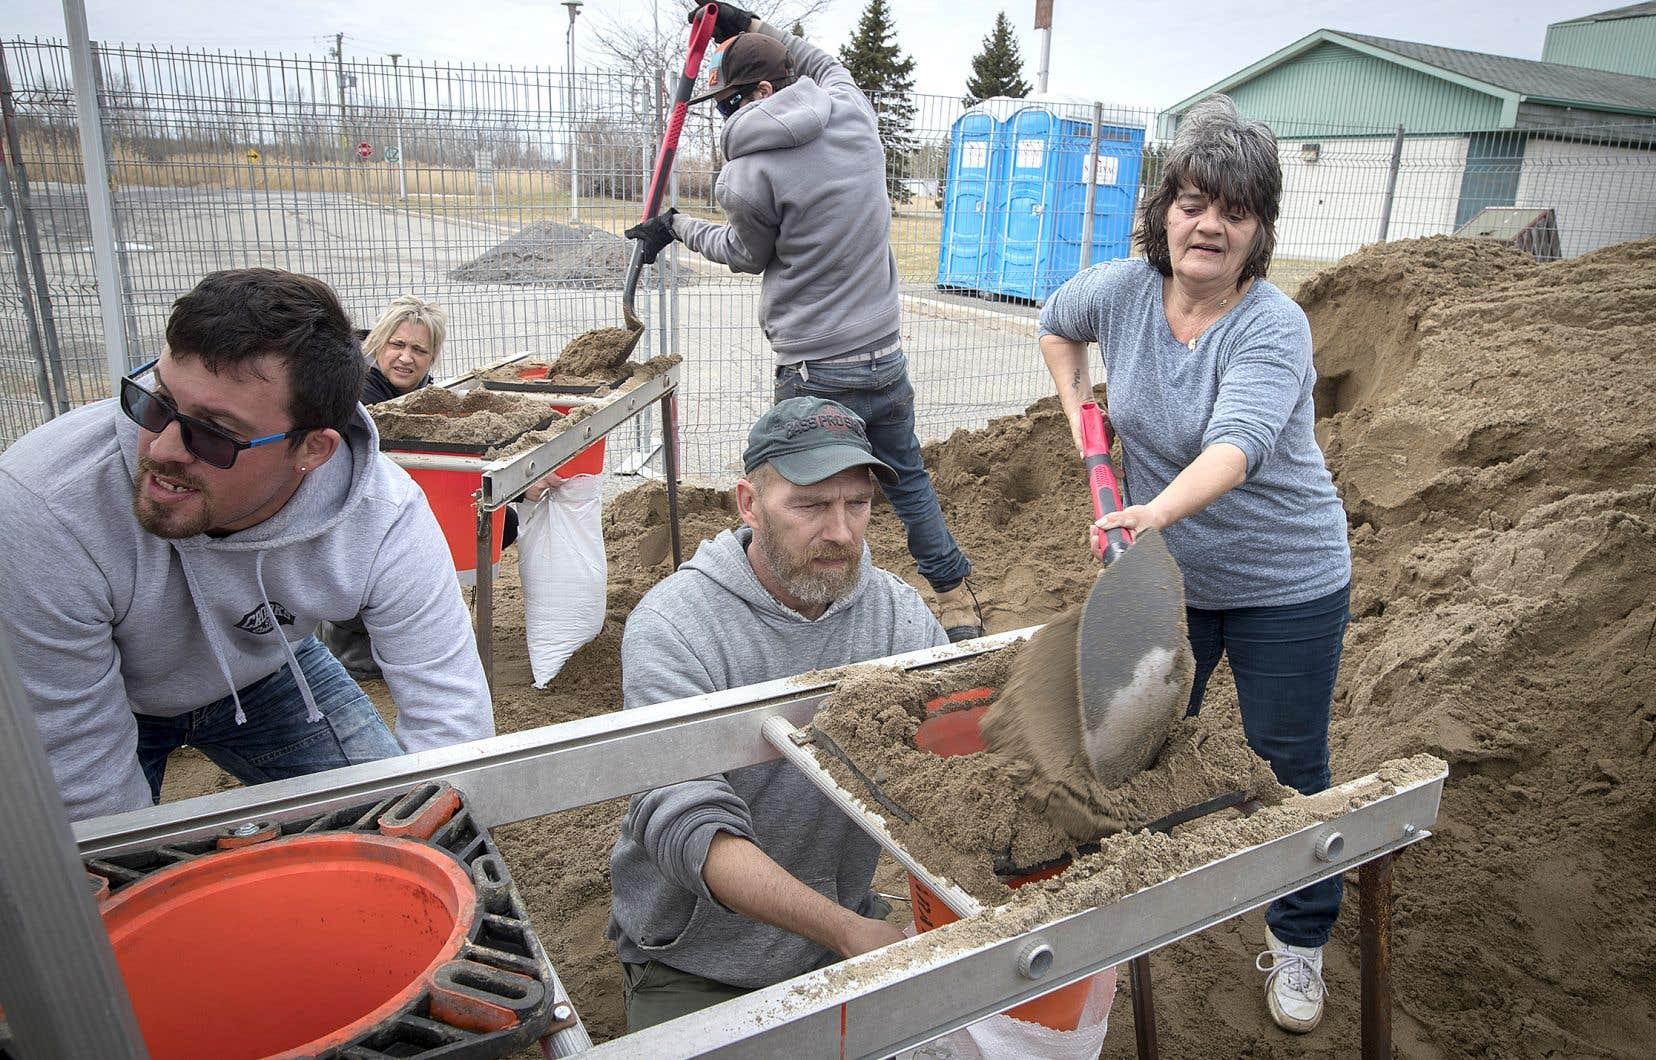 Des résidents de Rigaud ont rempli des sacs de sable en grande quantité, jeudi, pour tenter d'endiguer l'inondation prévue.